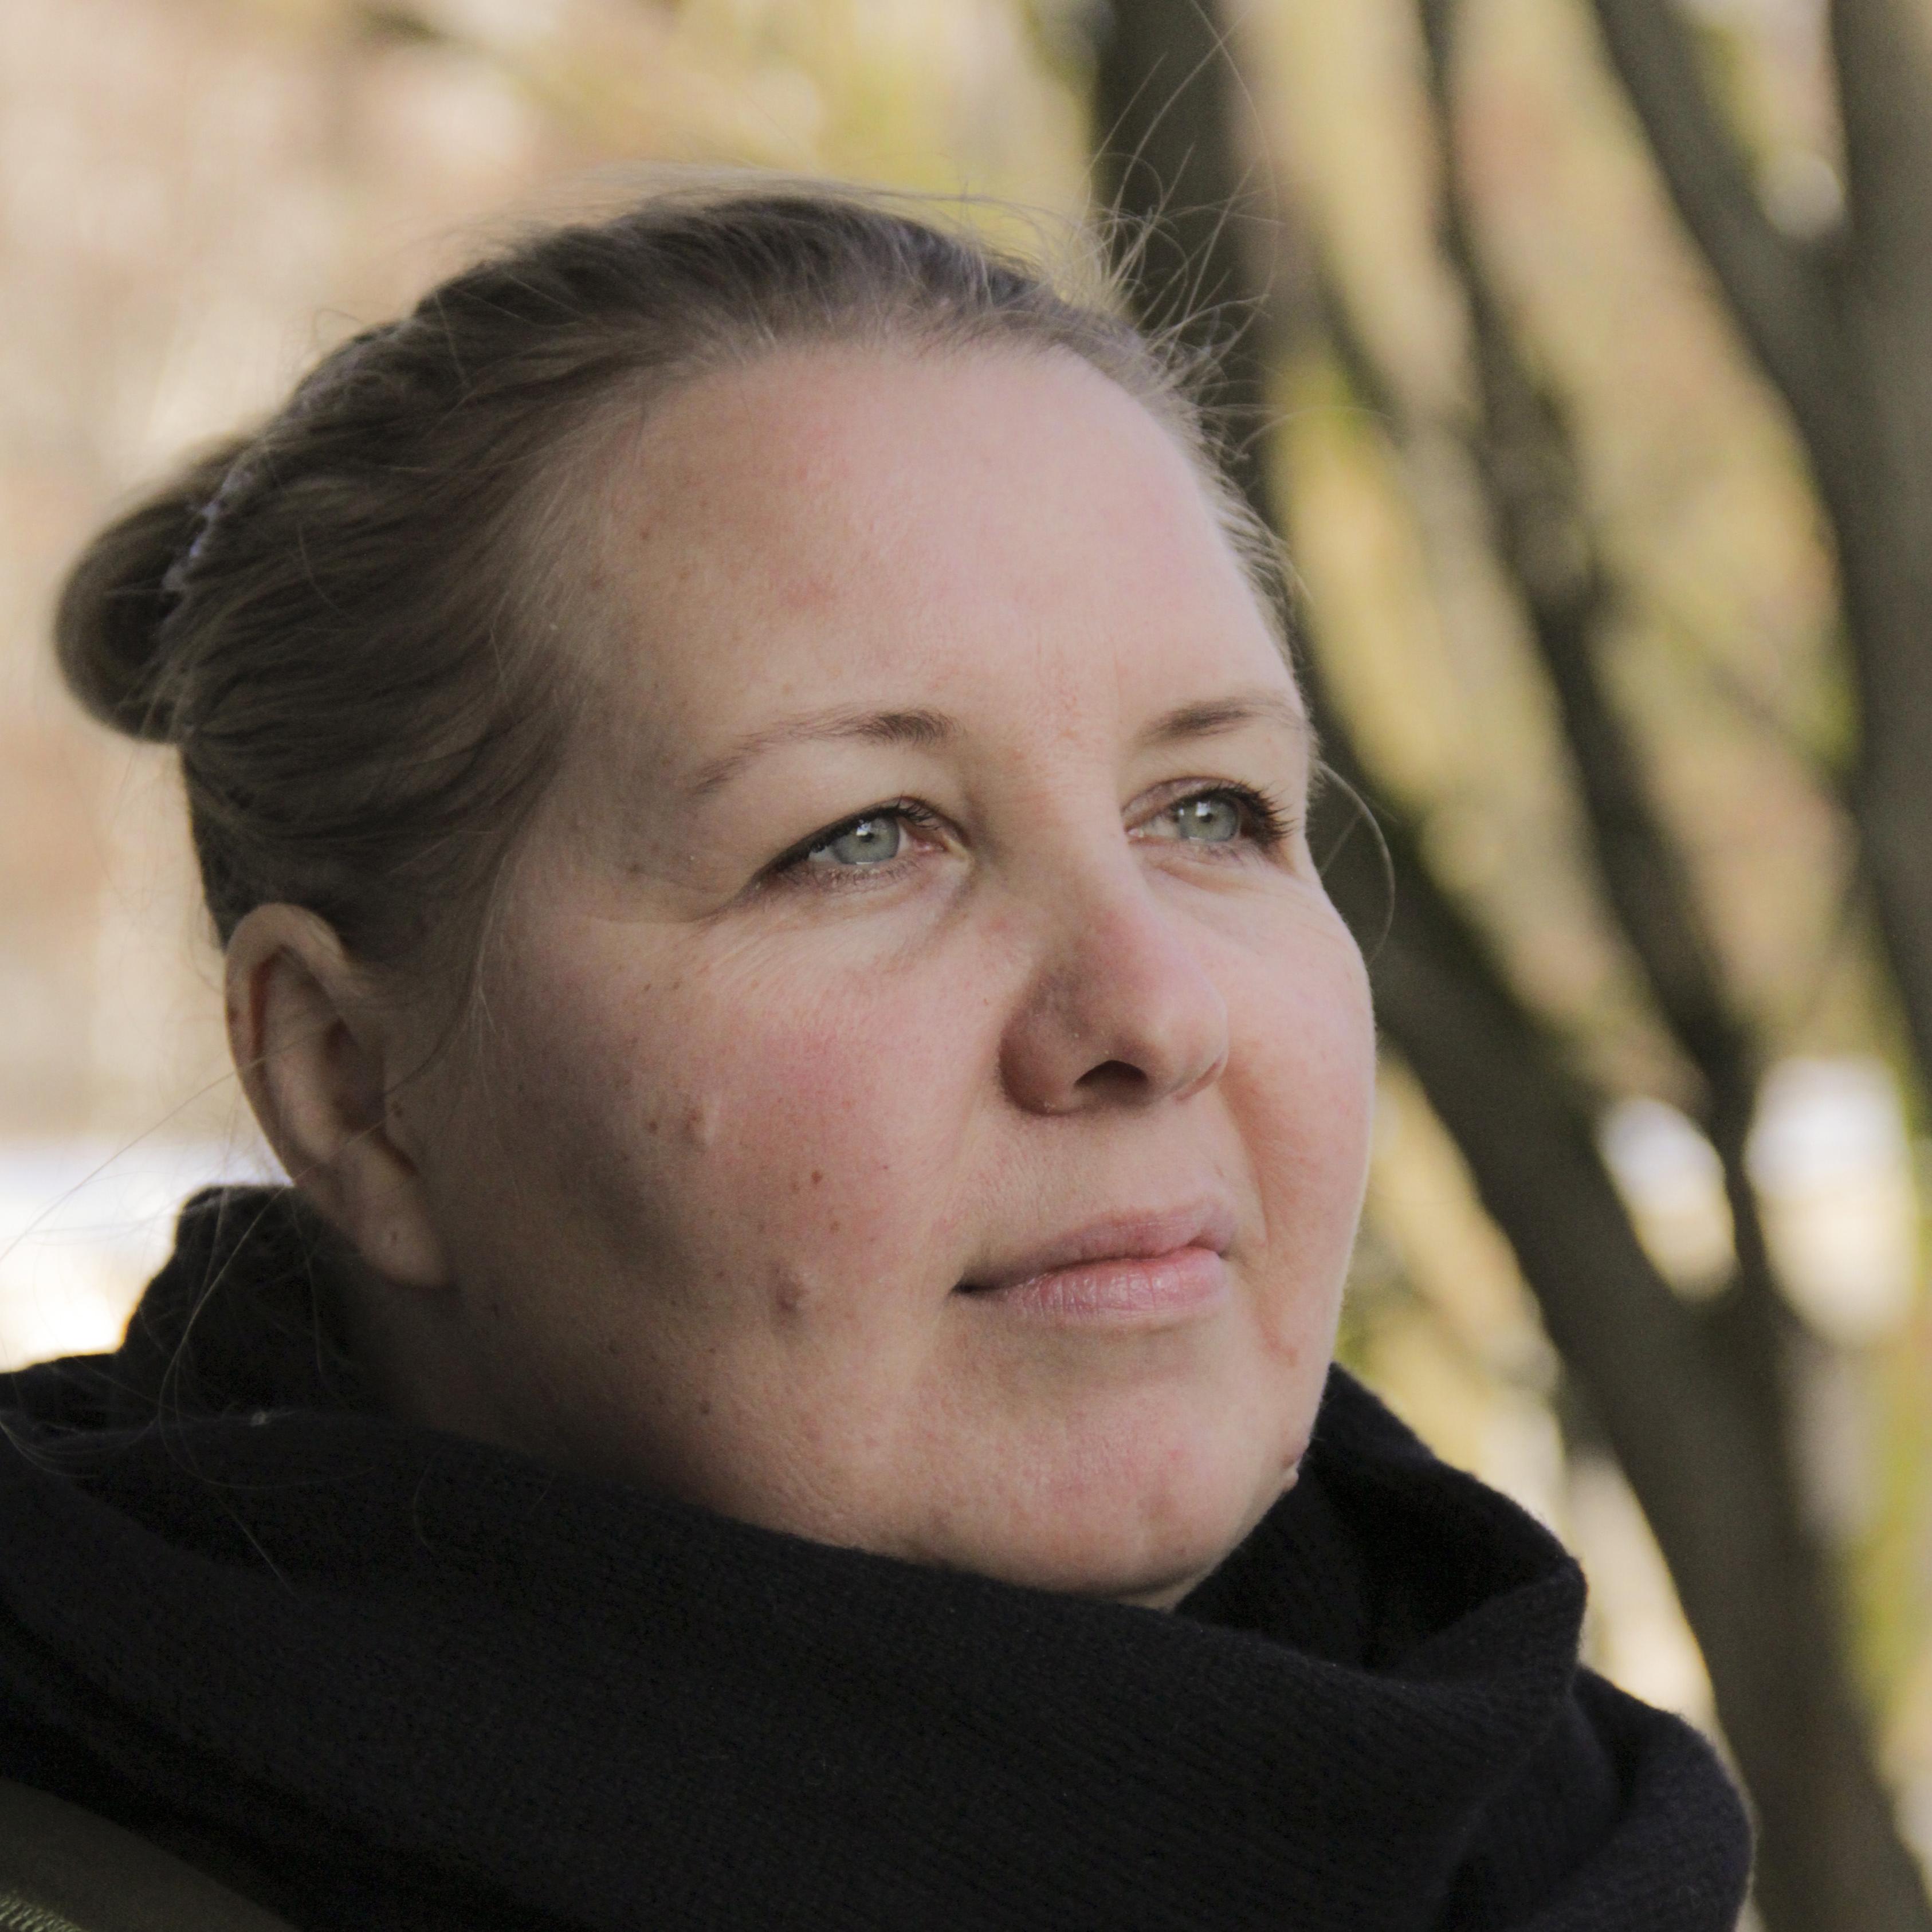 Angela Staravoytova